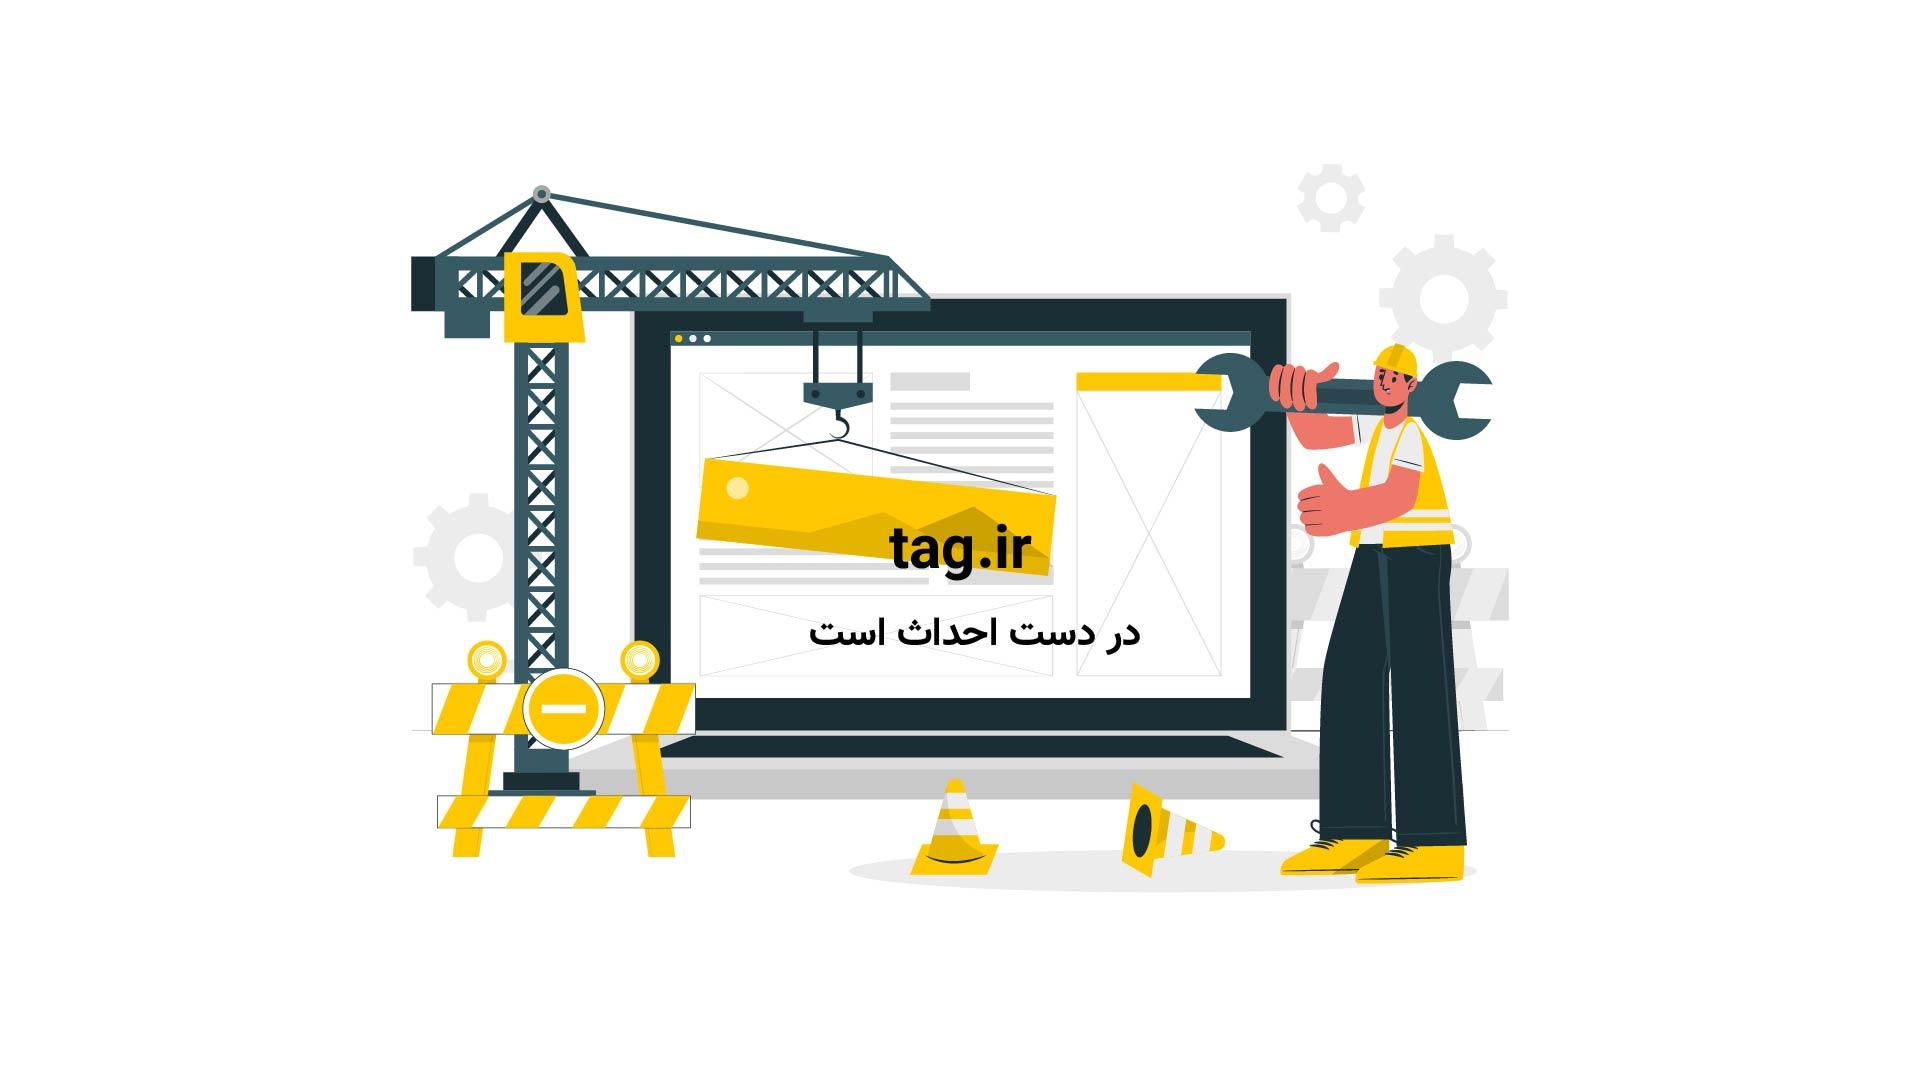 سخنرانیهای تد؛ دارو درمانیهای مجاز و غیرمجاز | فیلم